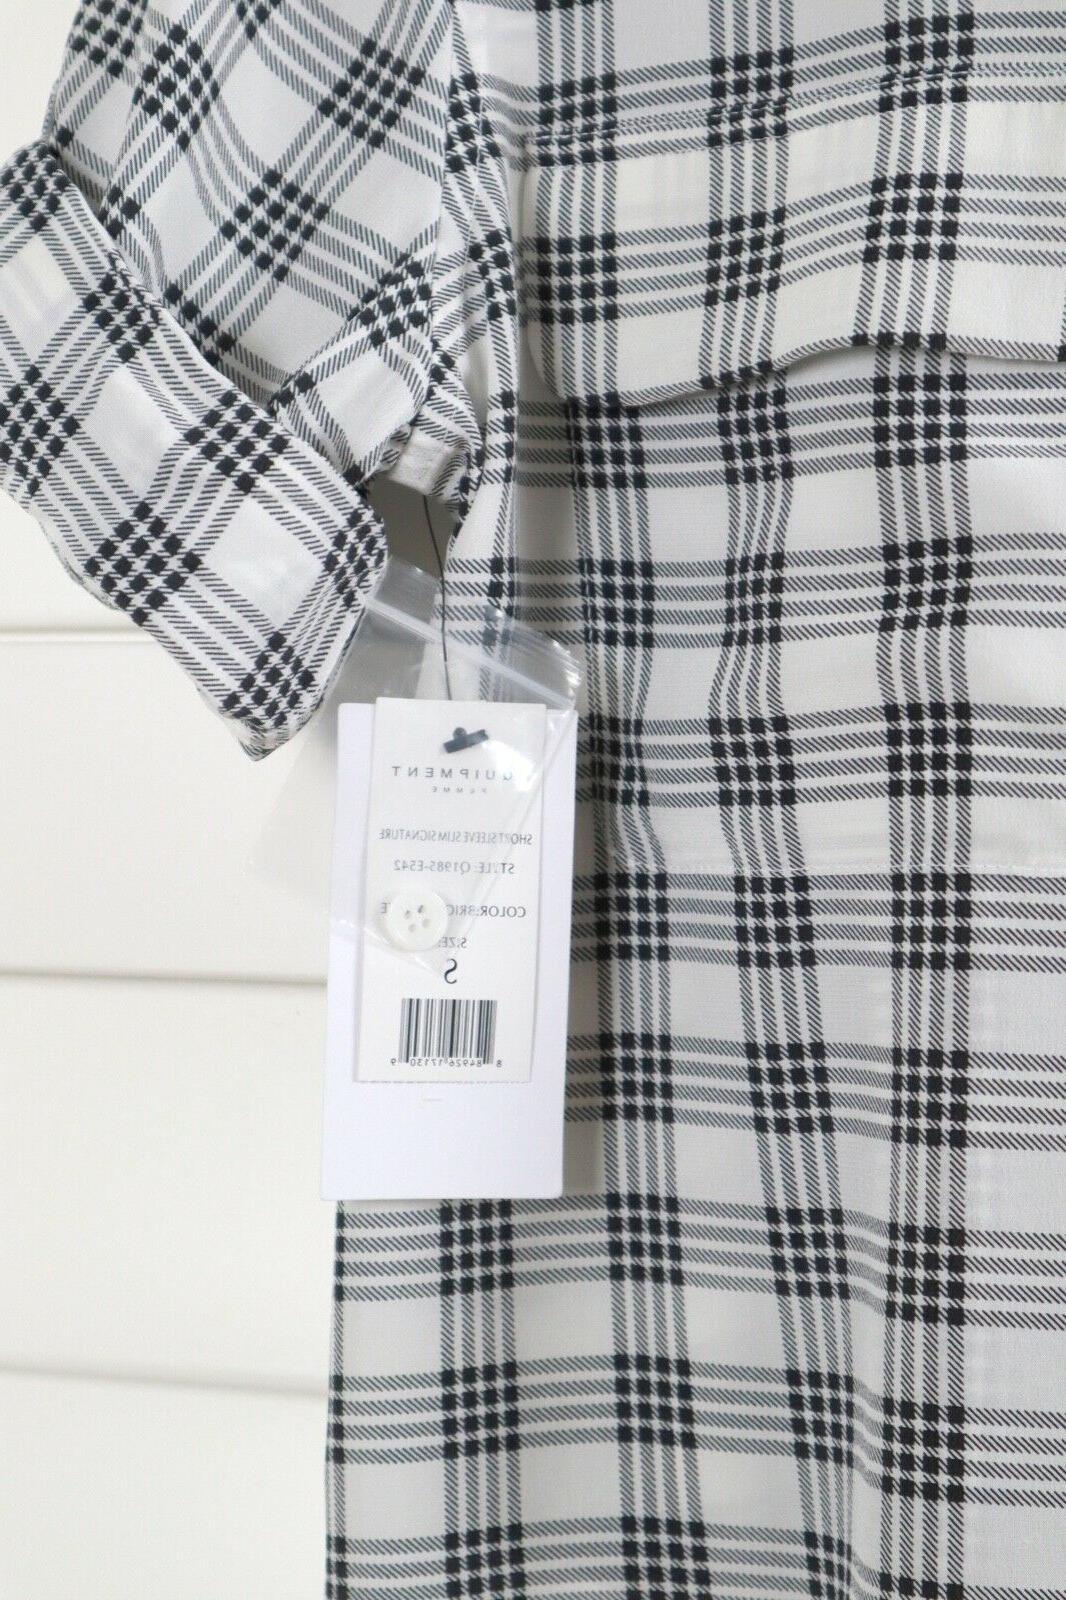 EQUIPMENT Slim Plaid Shirt Top Size Small